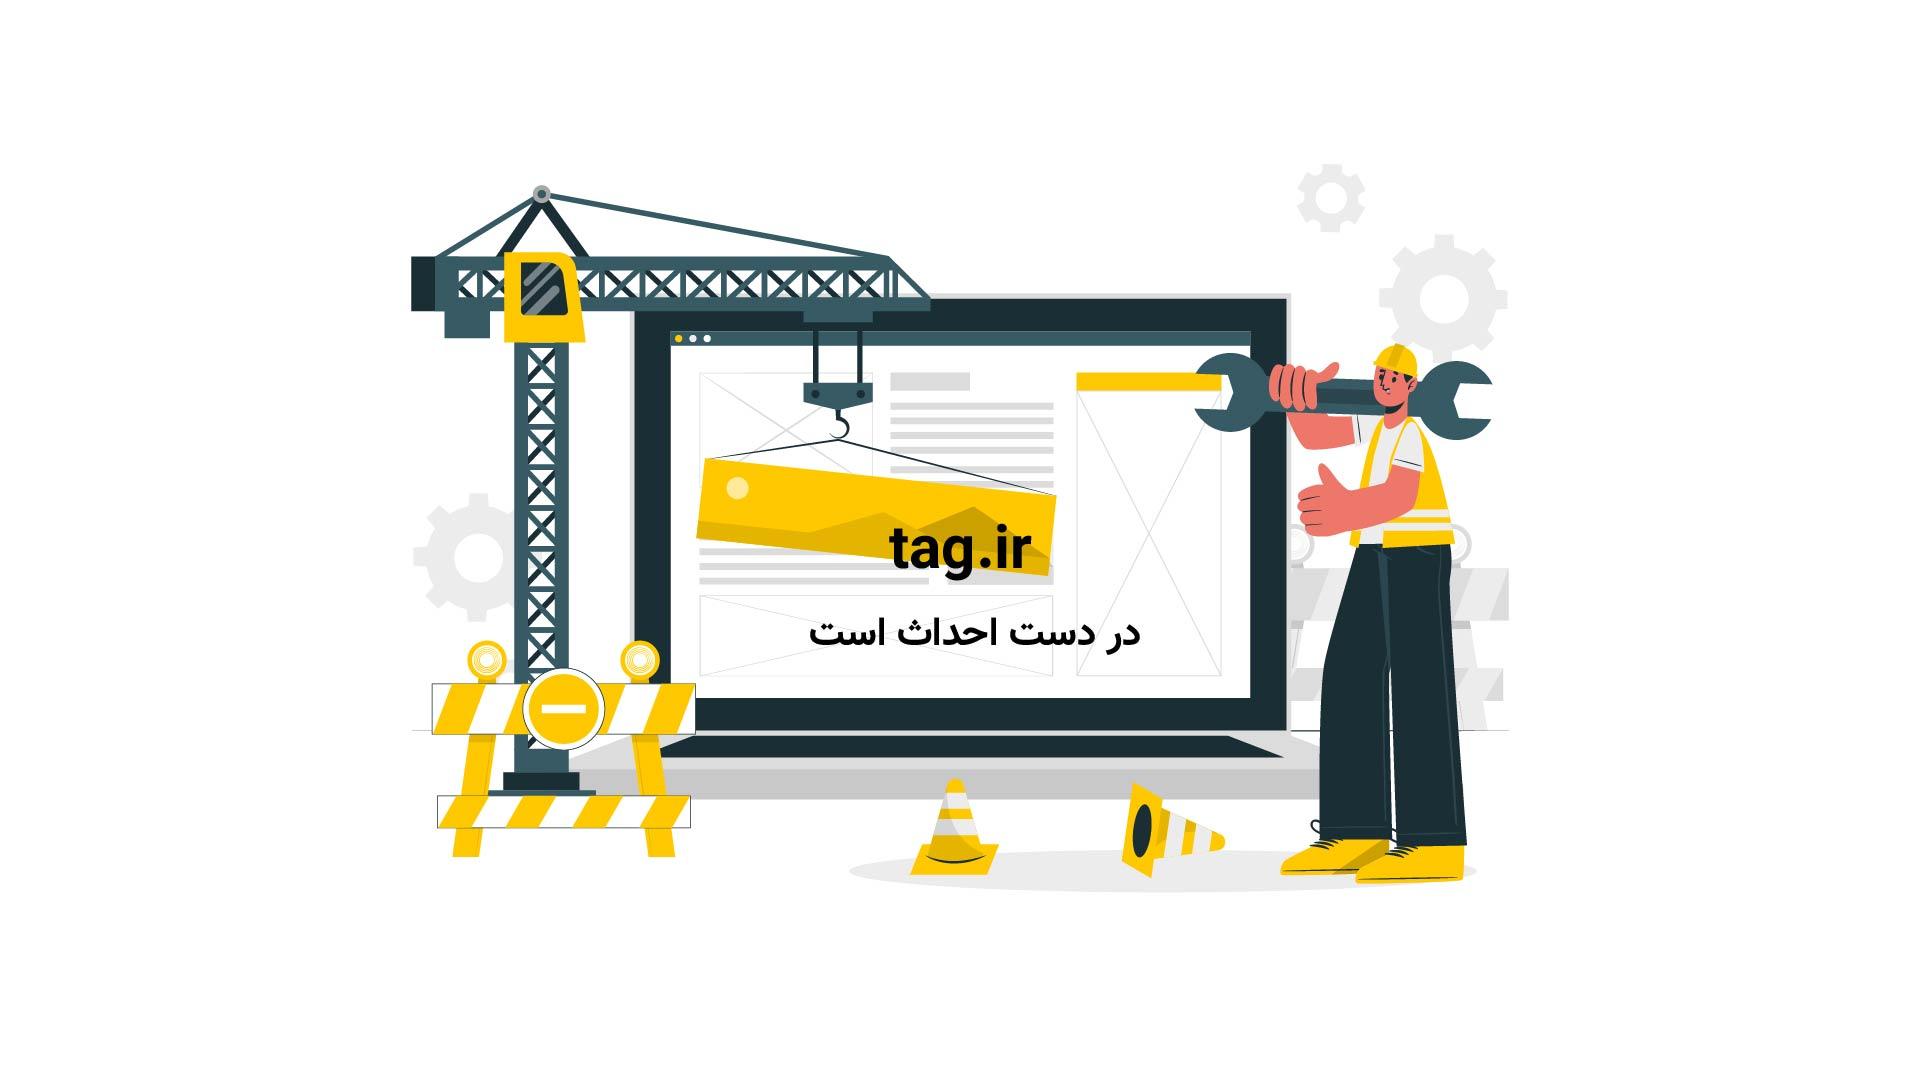 میمون طلایی | تگ